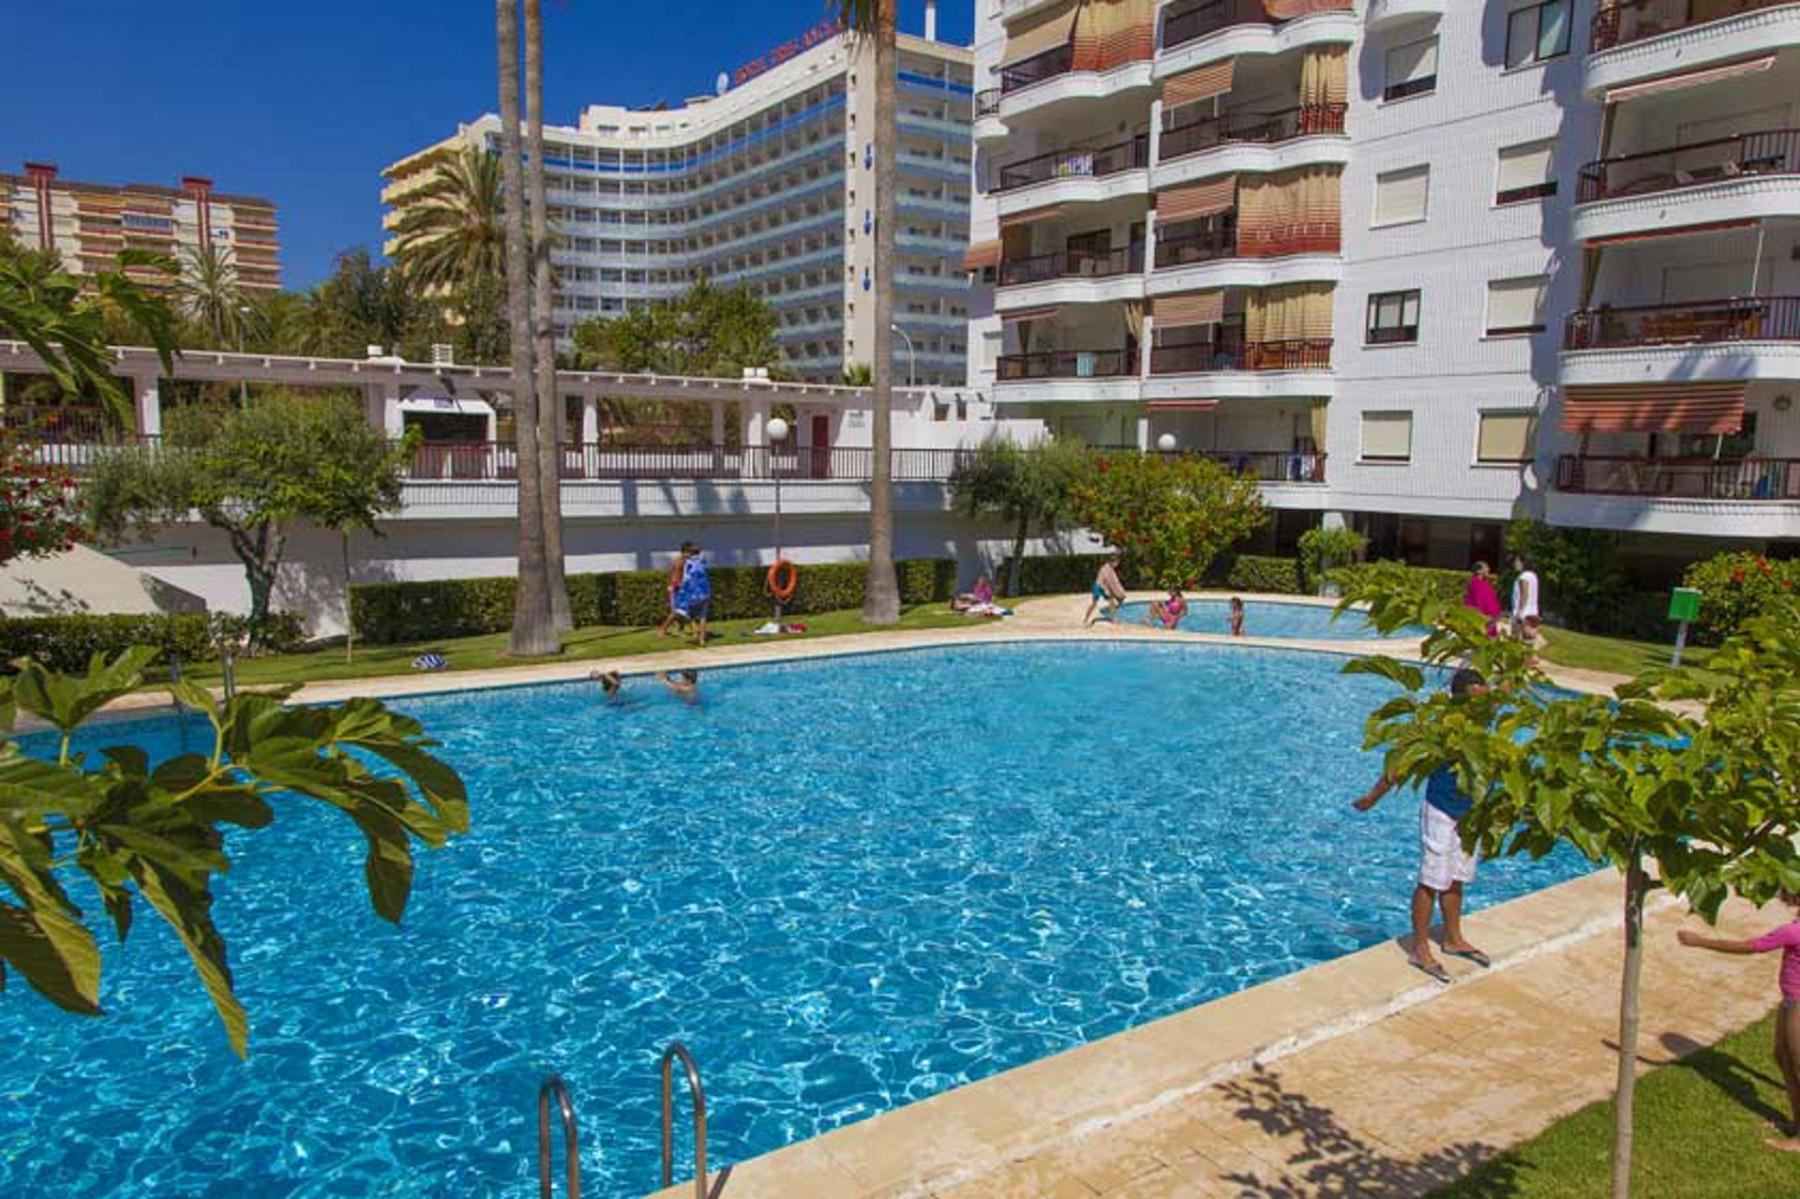 Apartamentos en playa de gand a 40 ag salinas - Apartamentos en gandia playa ...